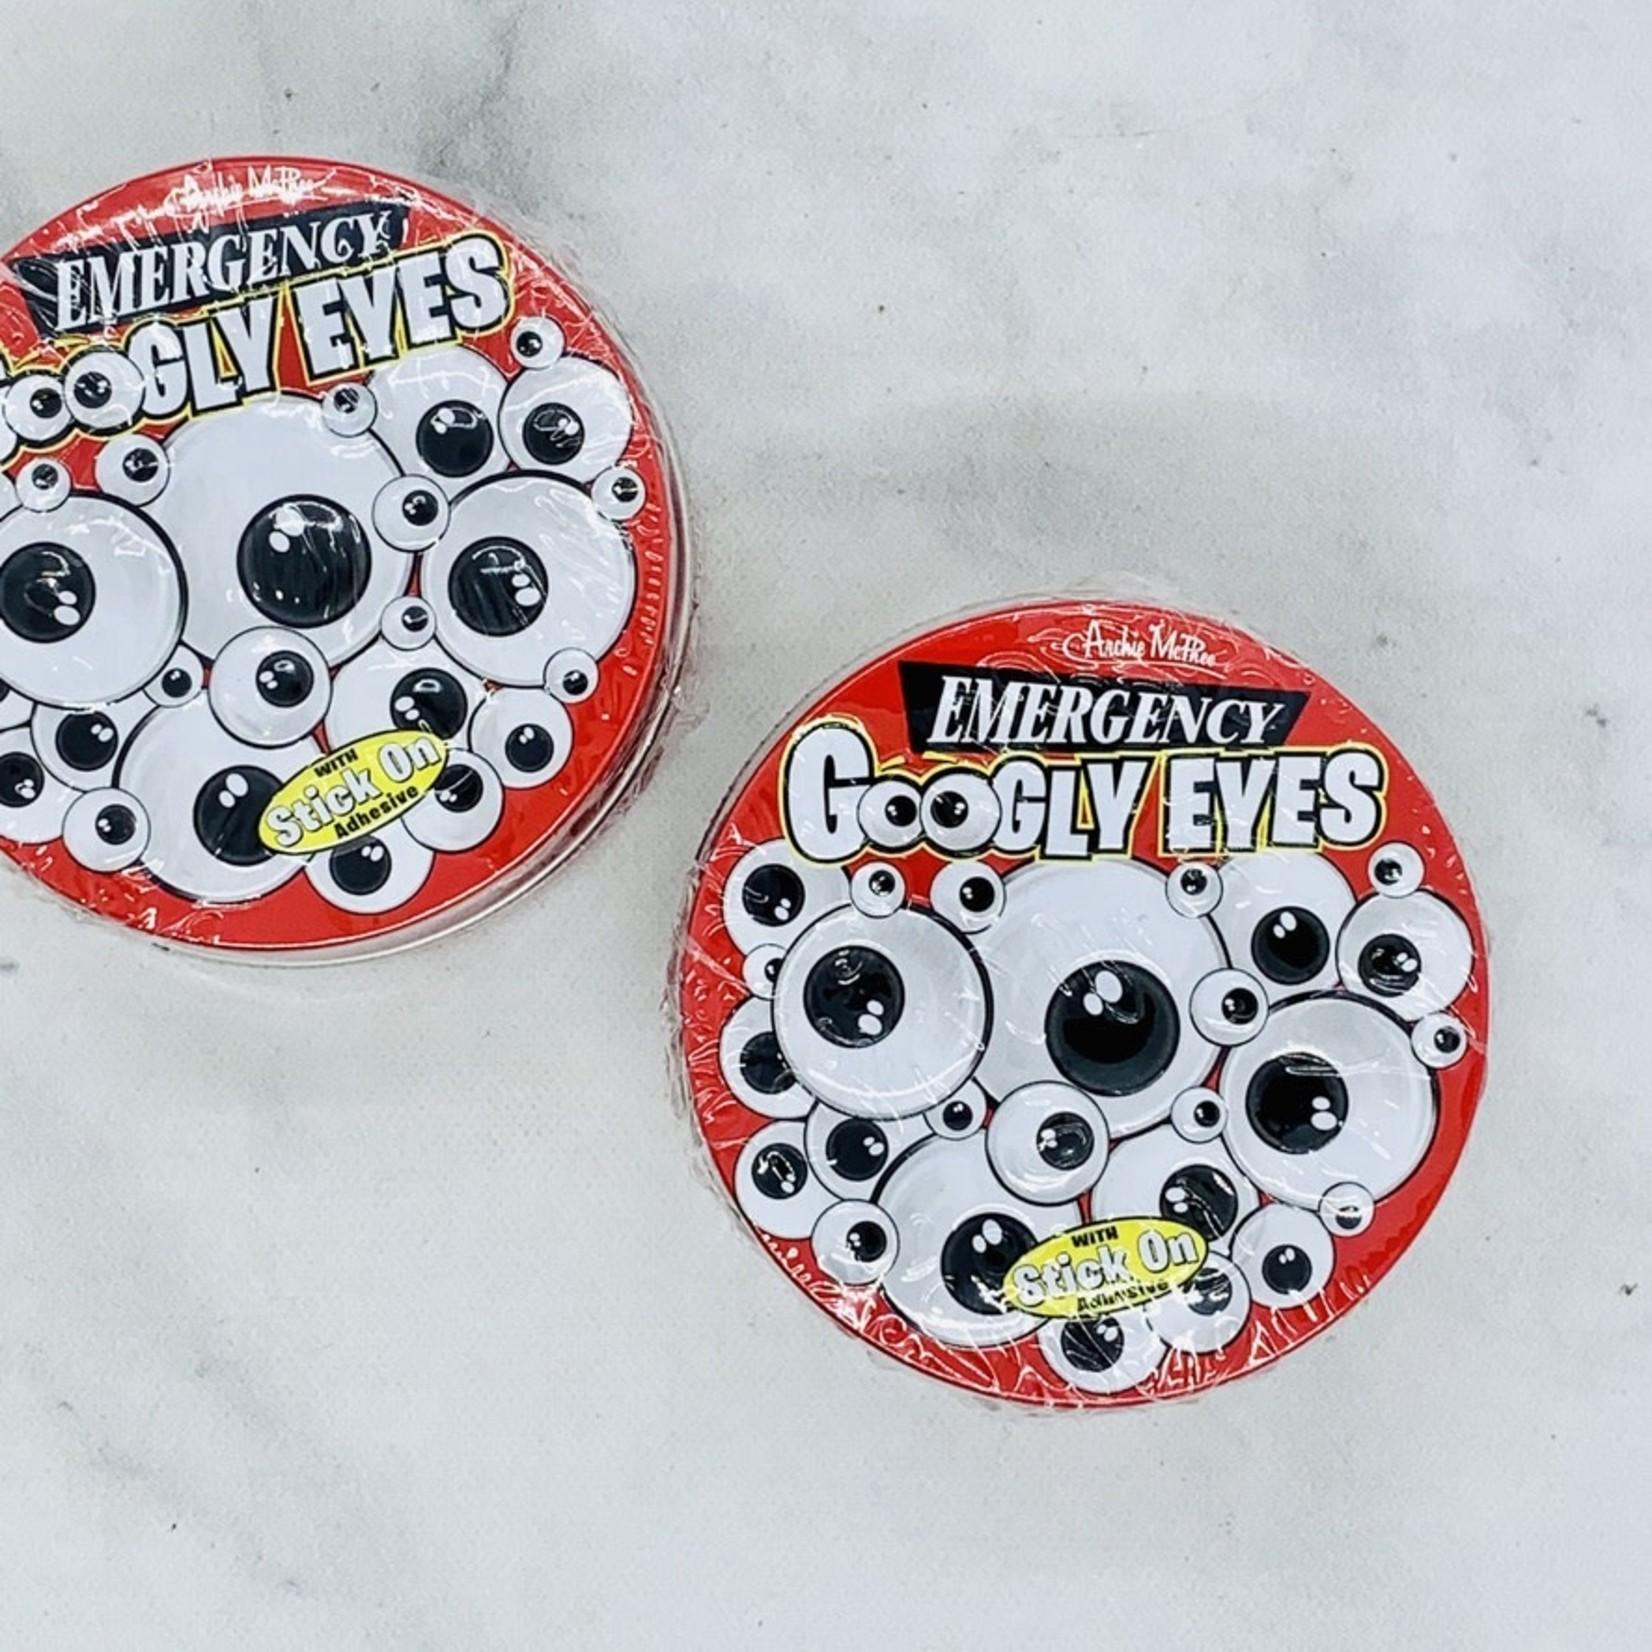 Emergency Googly Eyes